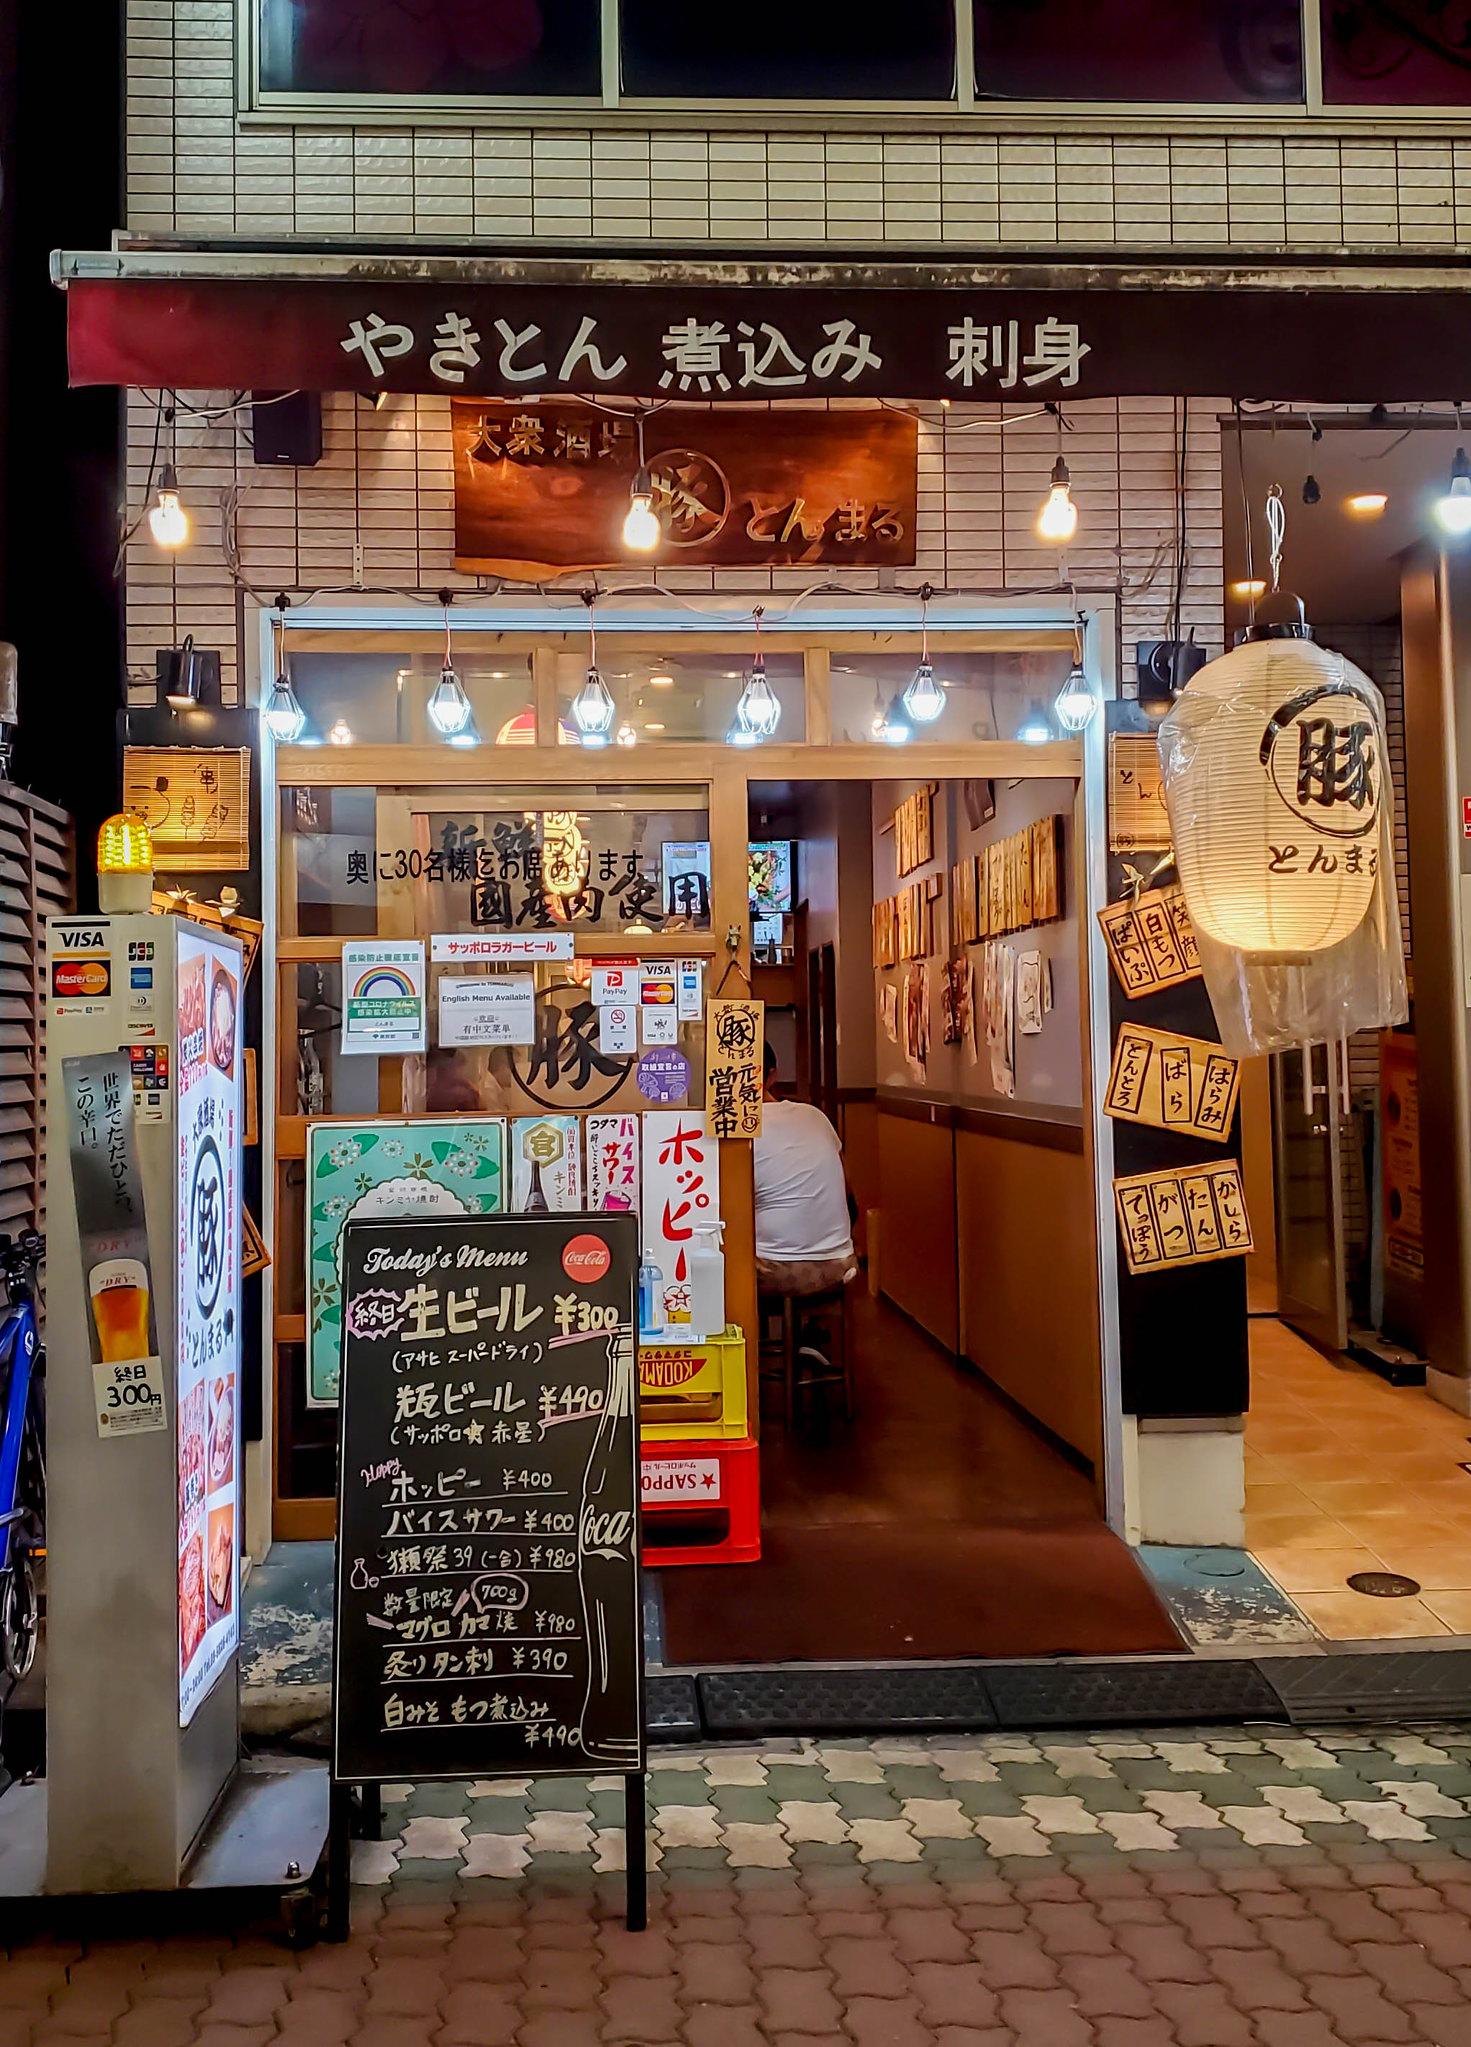 豚もつとおつまみの食感が楽しい 上野の大衆酒場 とんまる